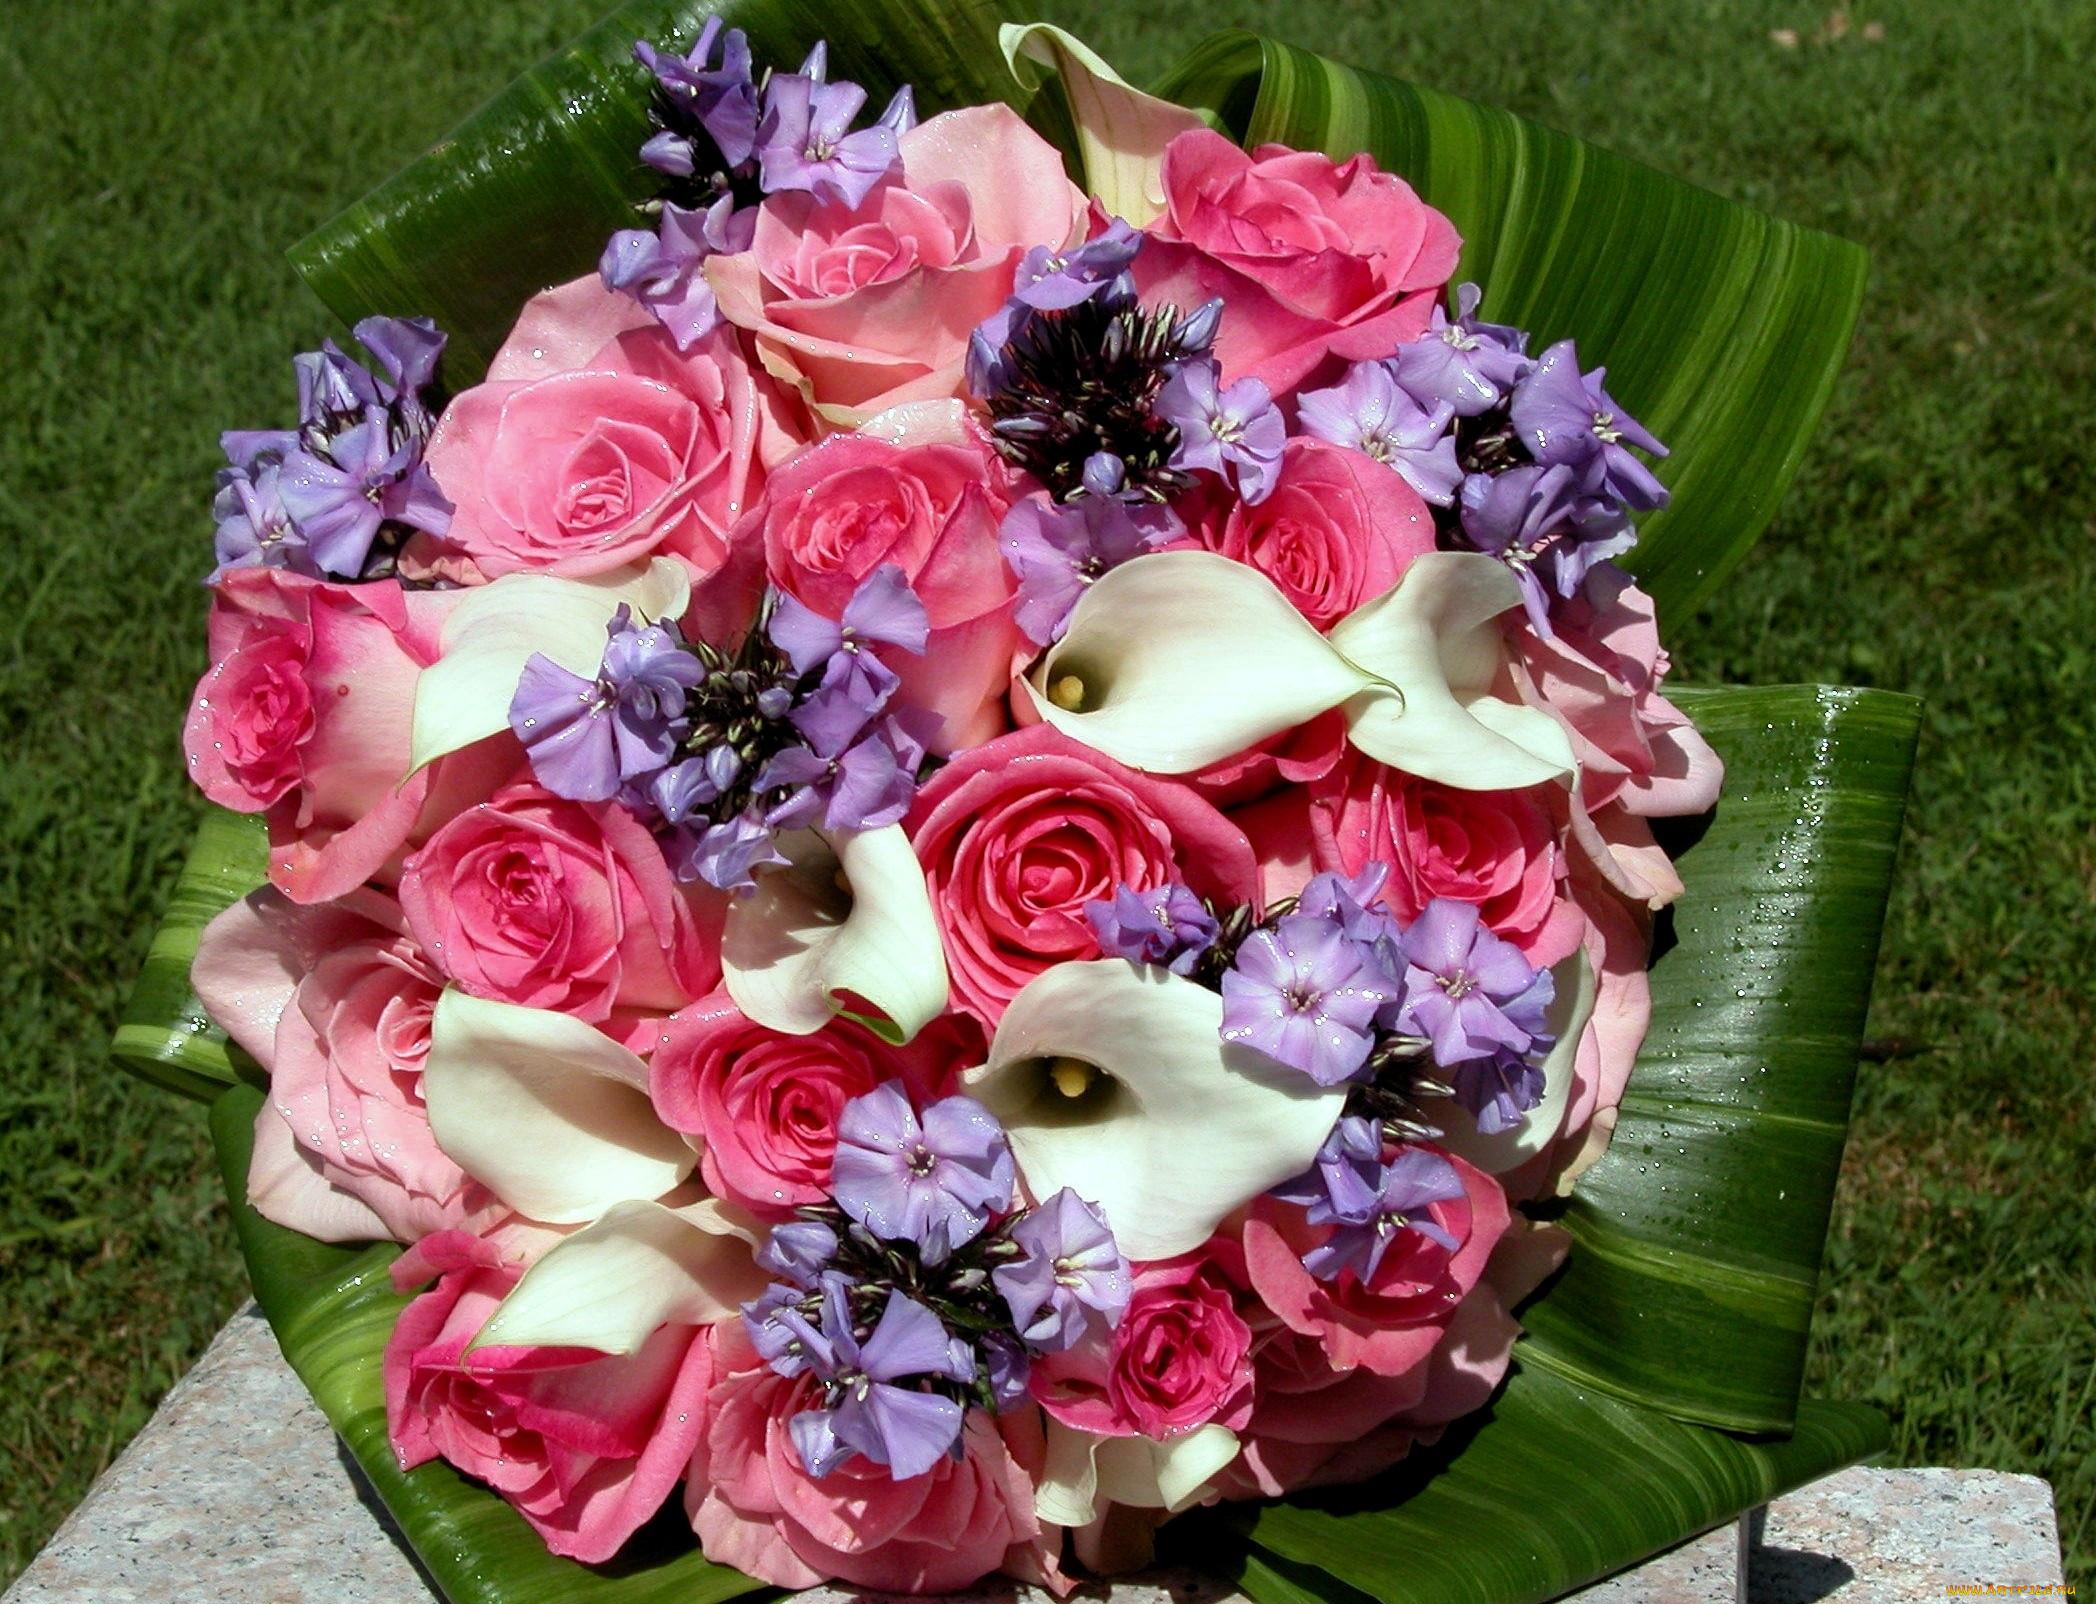 растения образуют великолепные фото букетов цветов буду верить